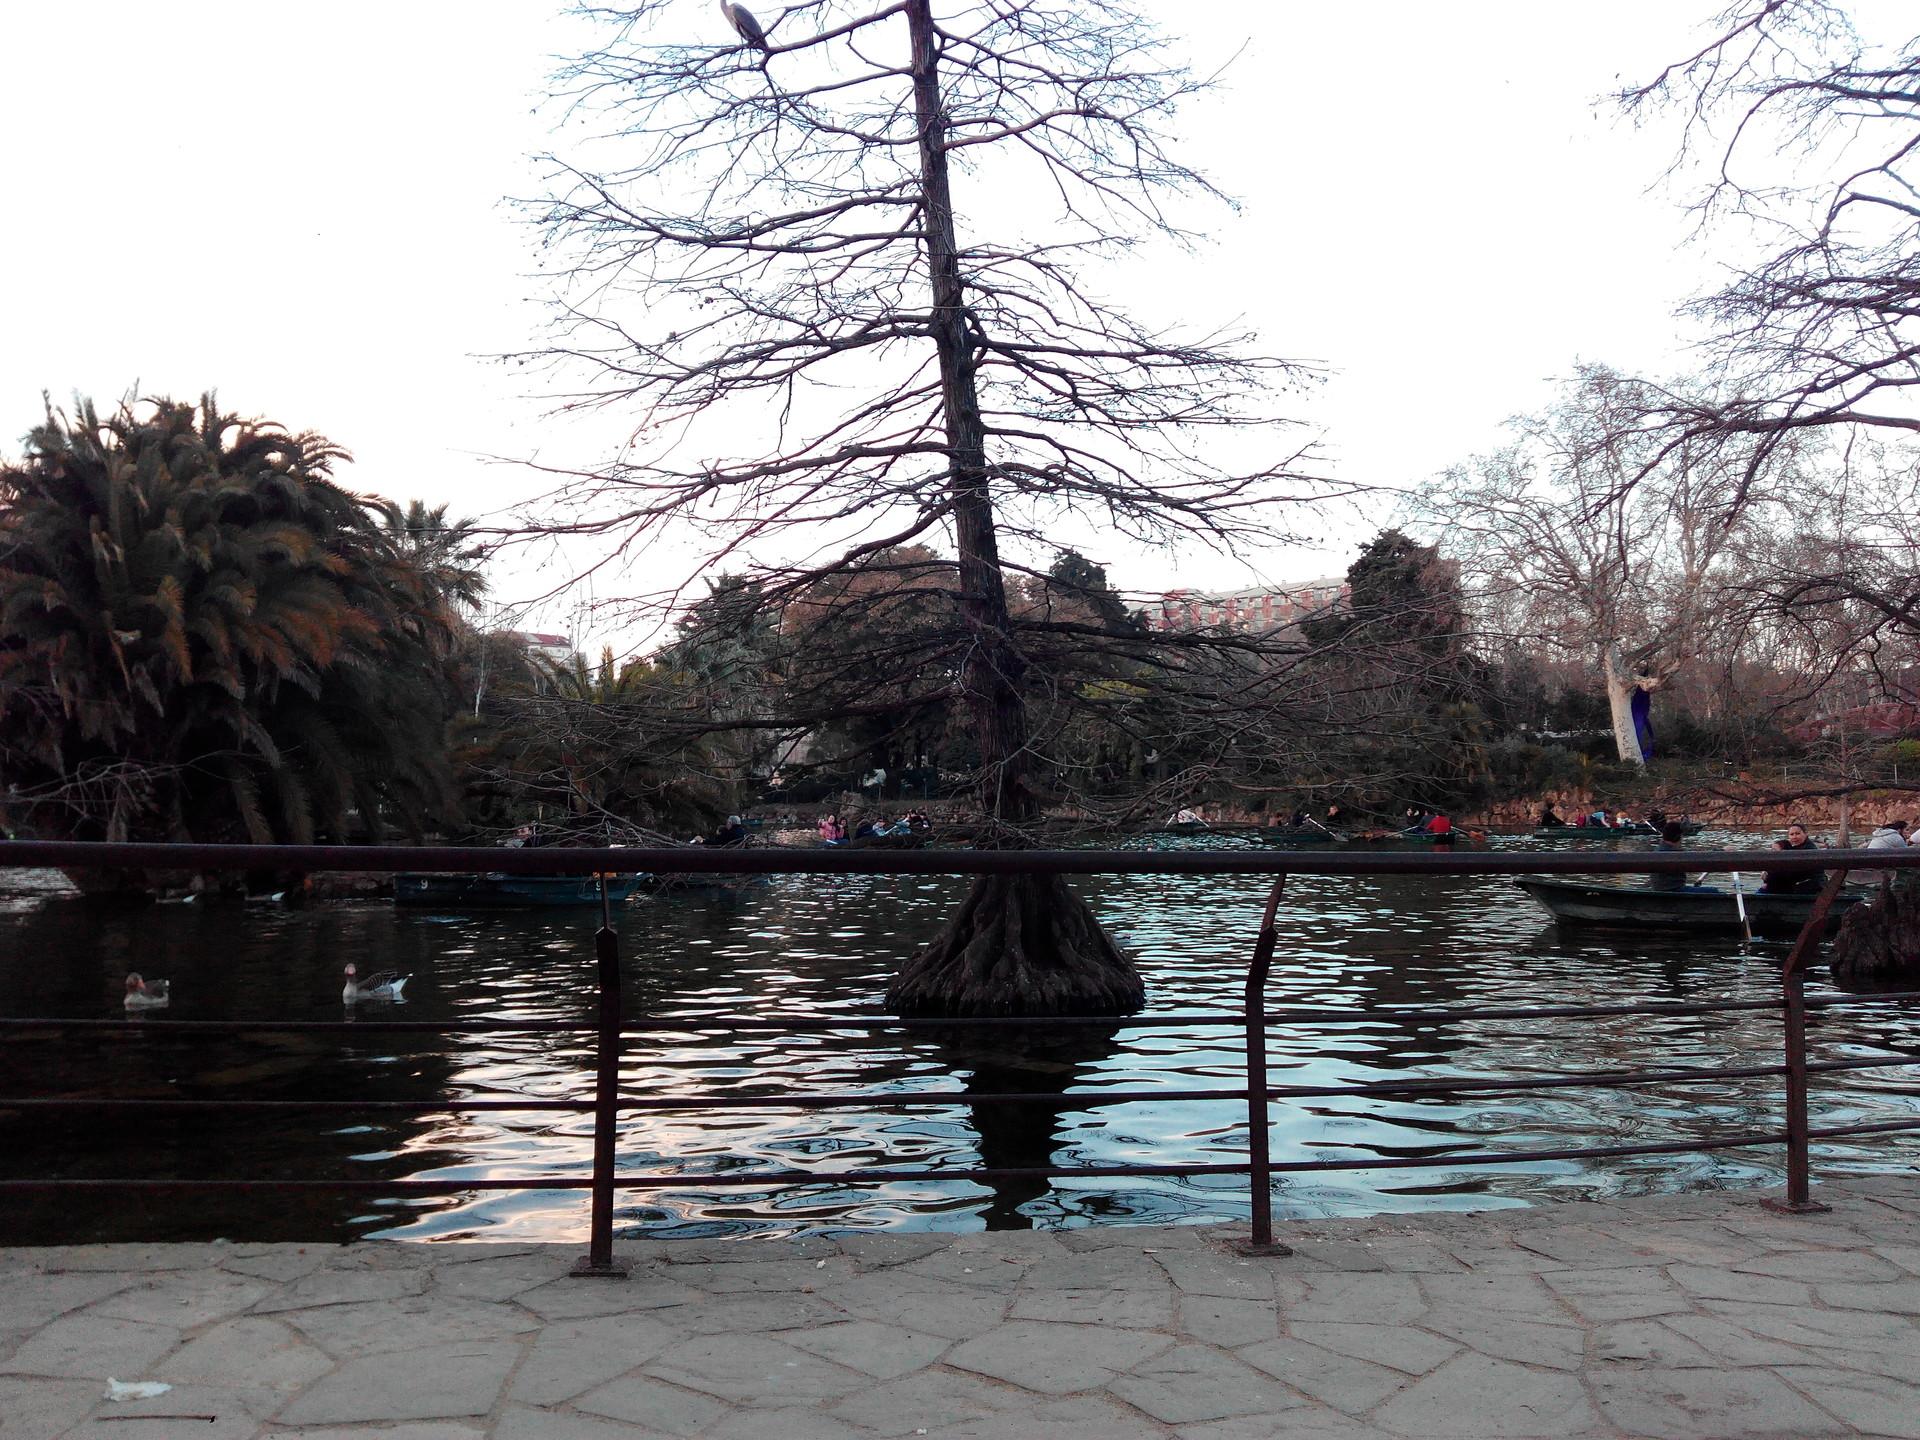 parque-ciutadella-arte-urbano-desconexio